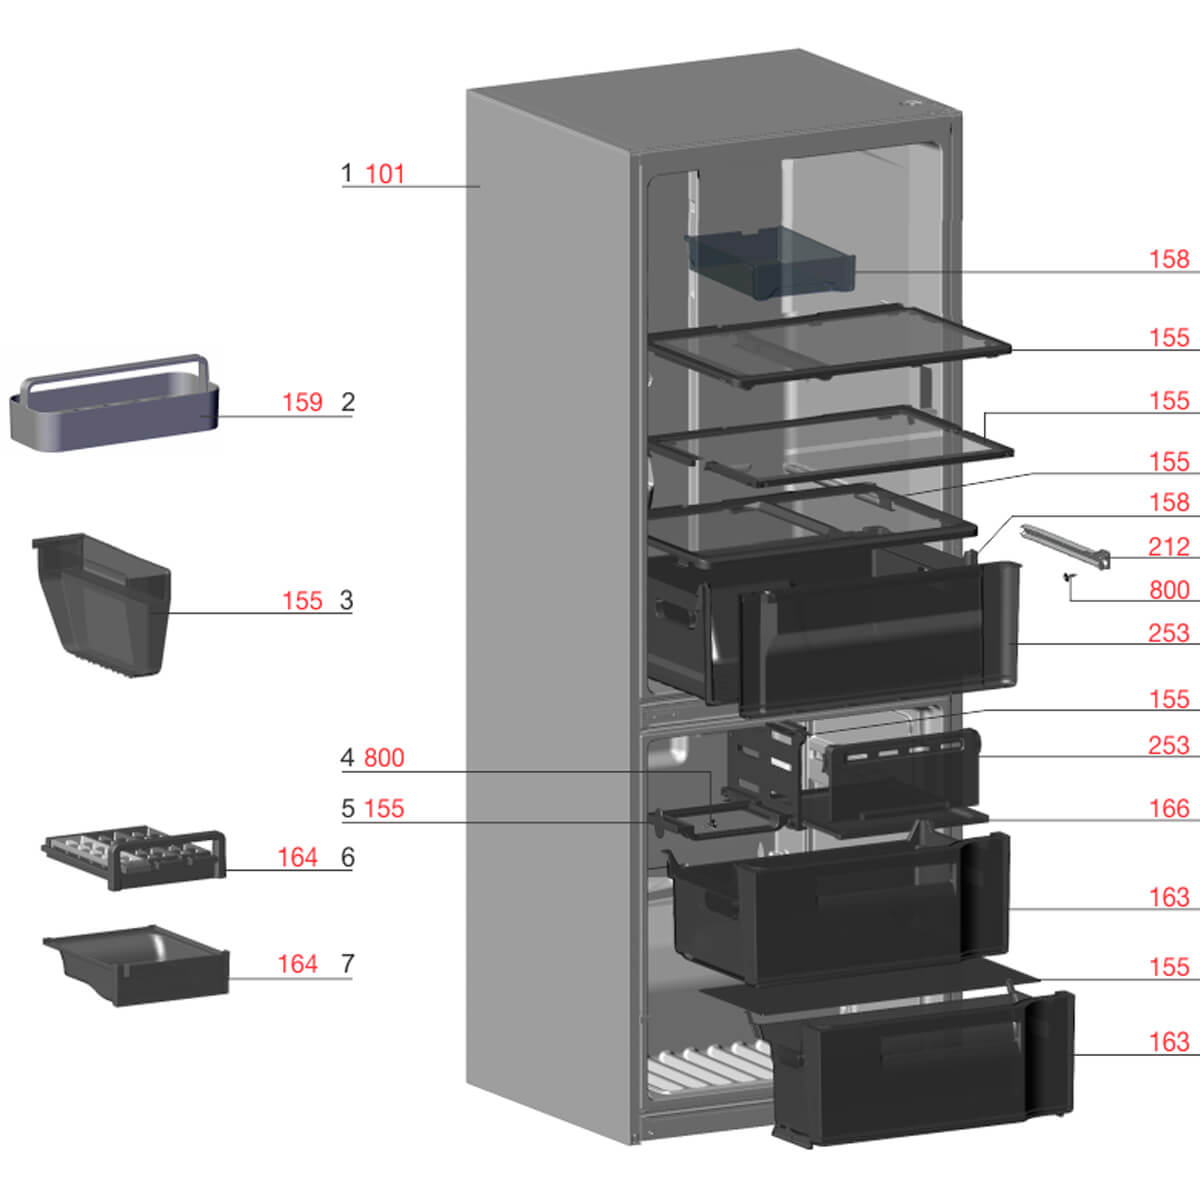 Prateleira Retrátil Para Refrigerador Electrolux - 70002895